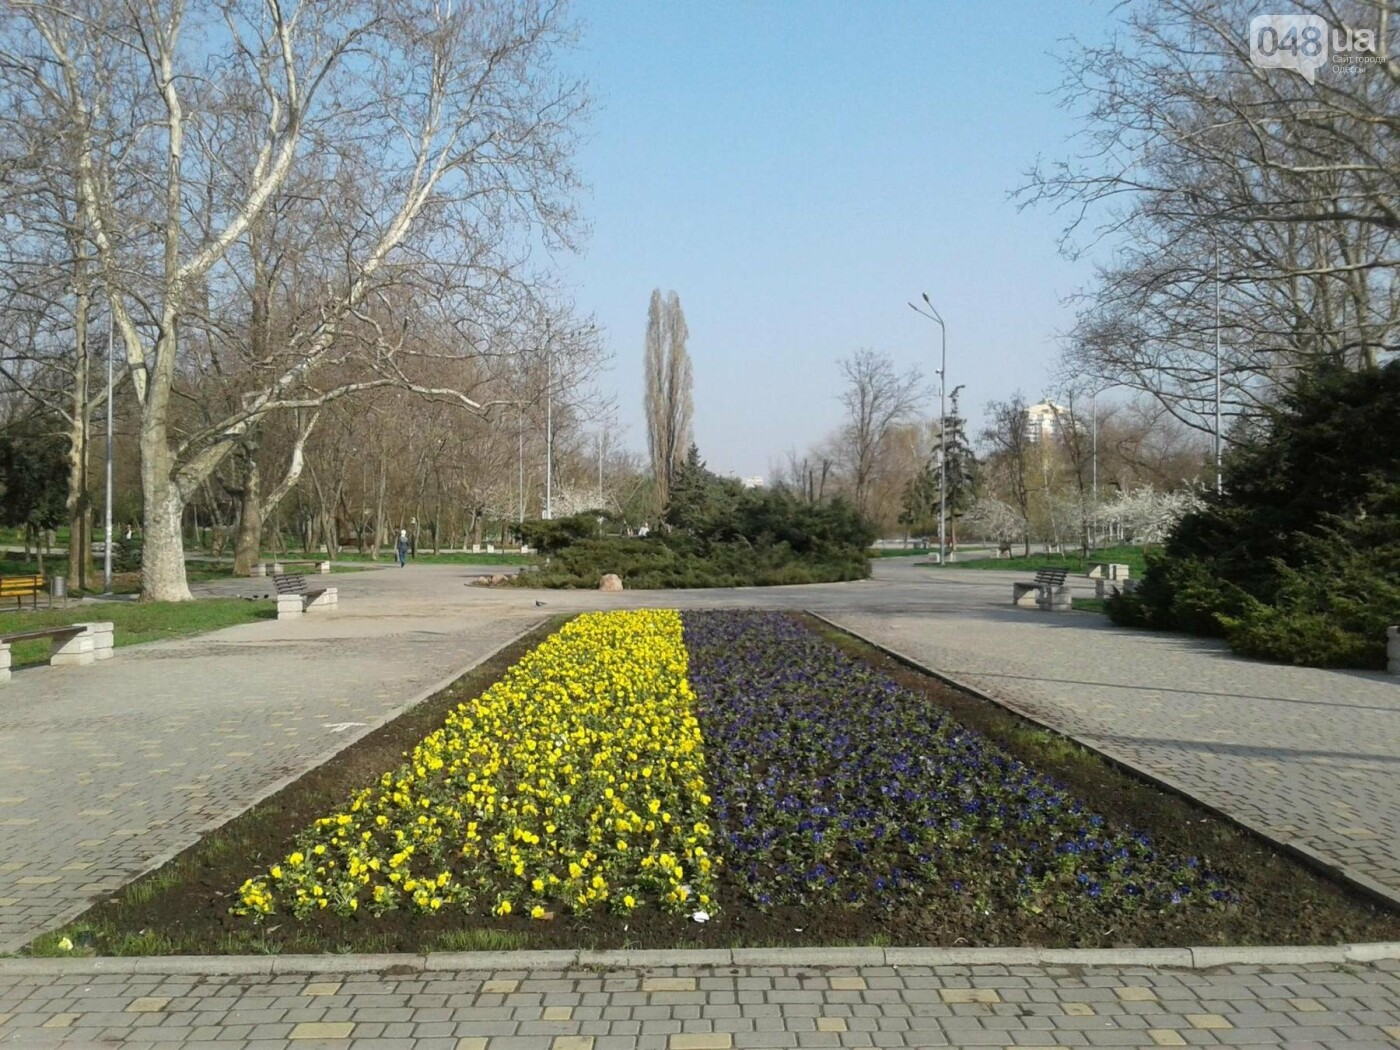 В Одессе появился живой флаг из цветов (ФОТО), фото-1